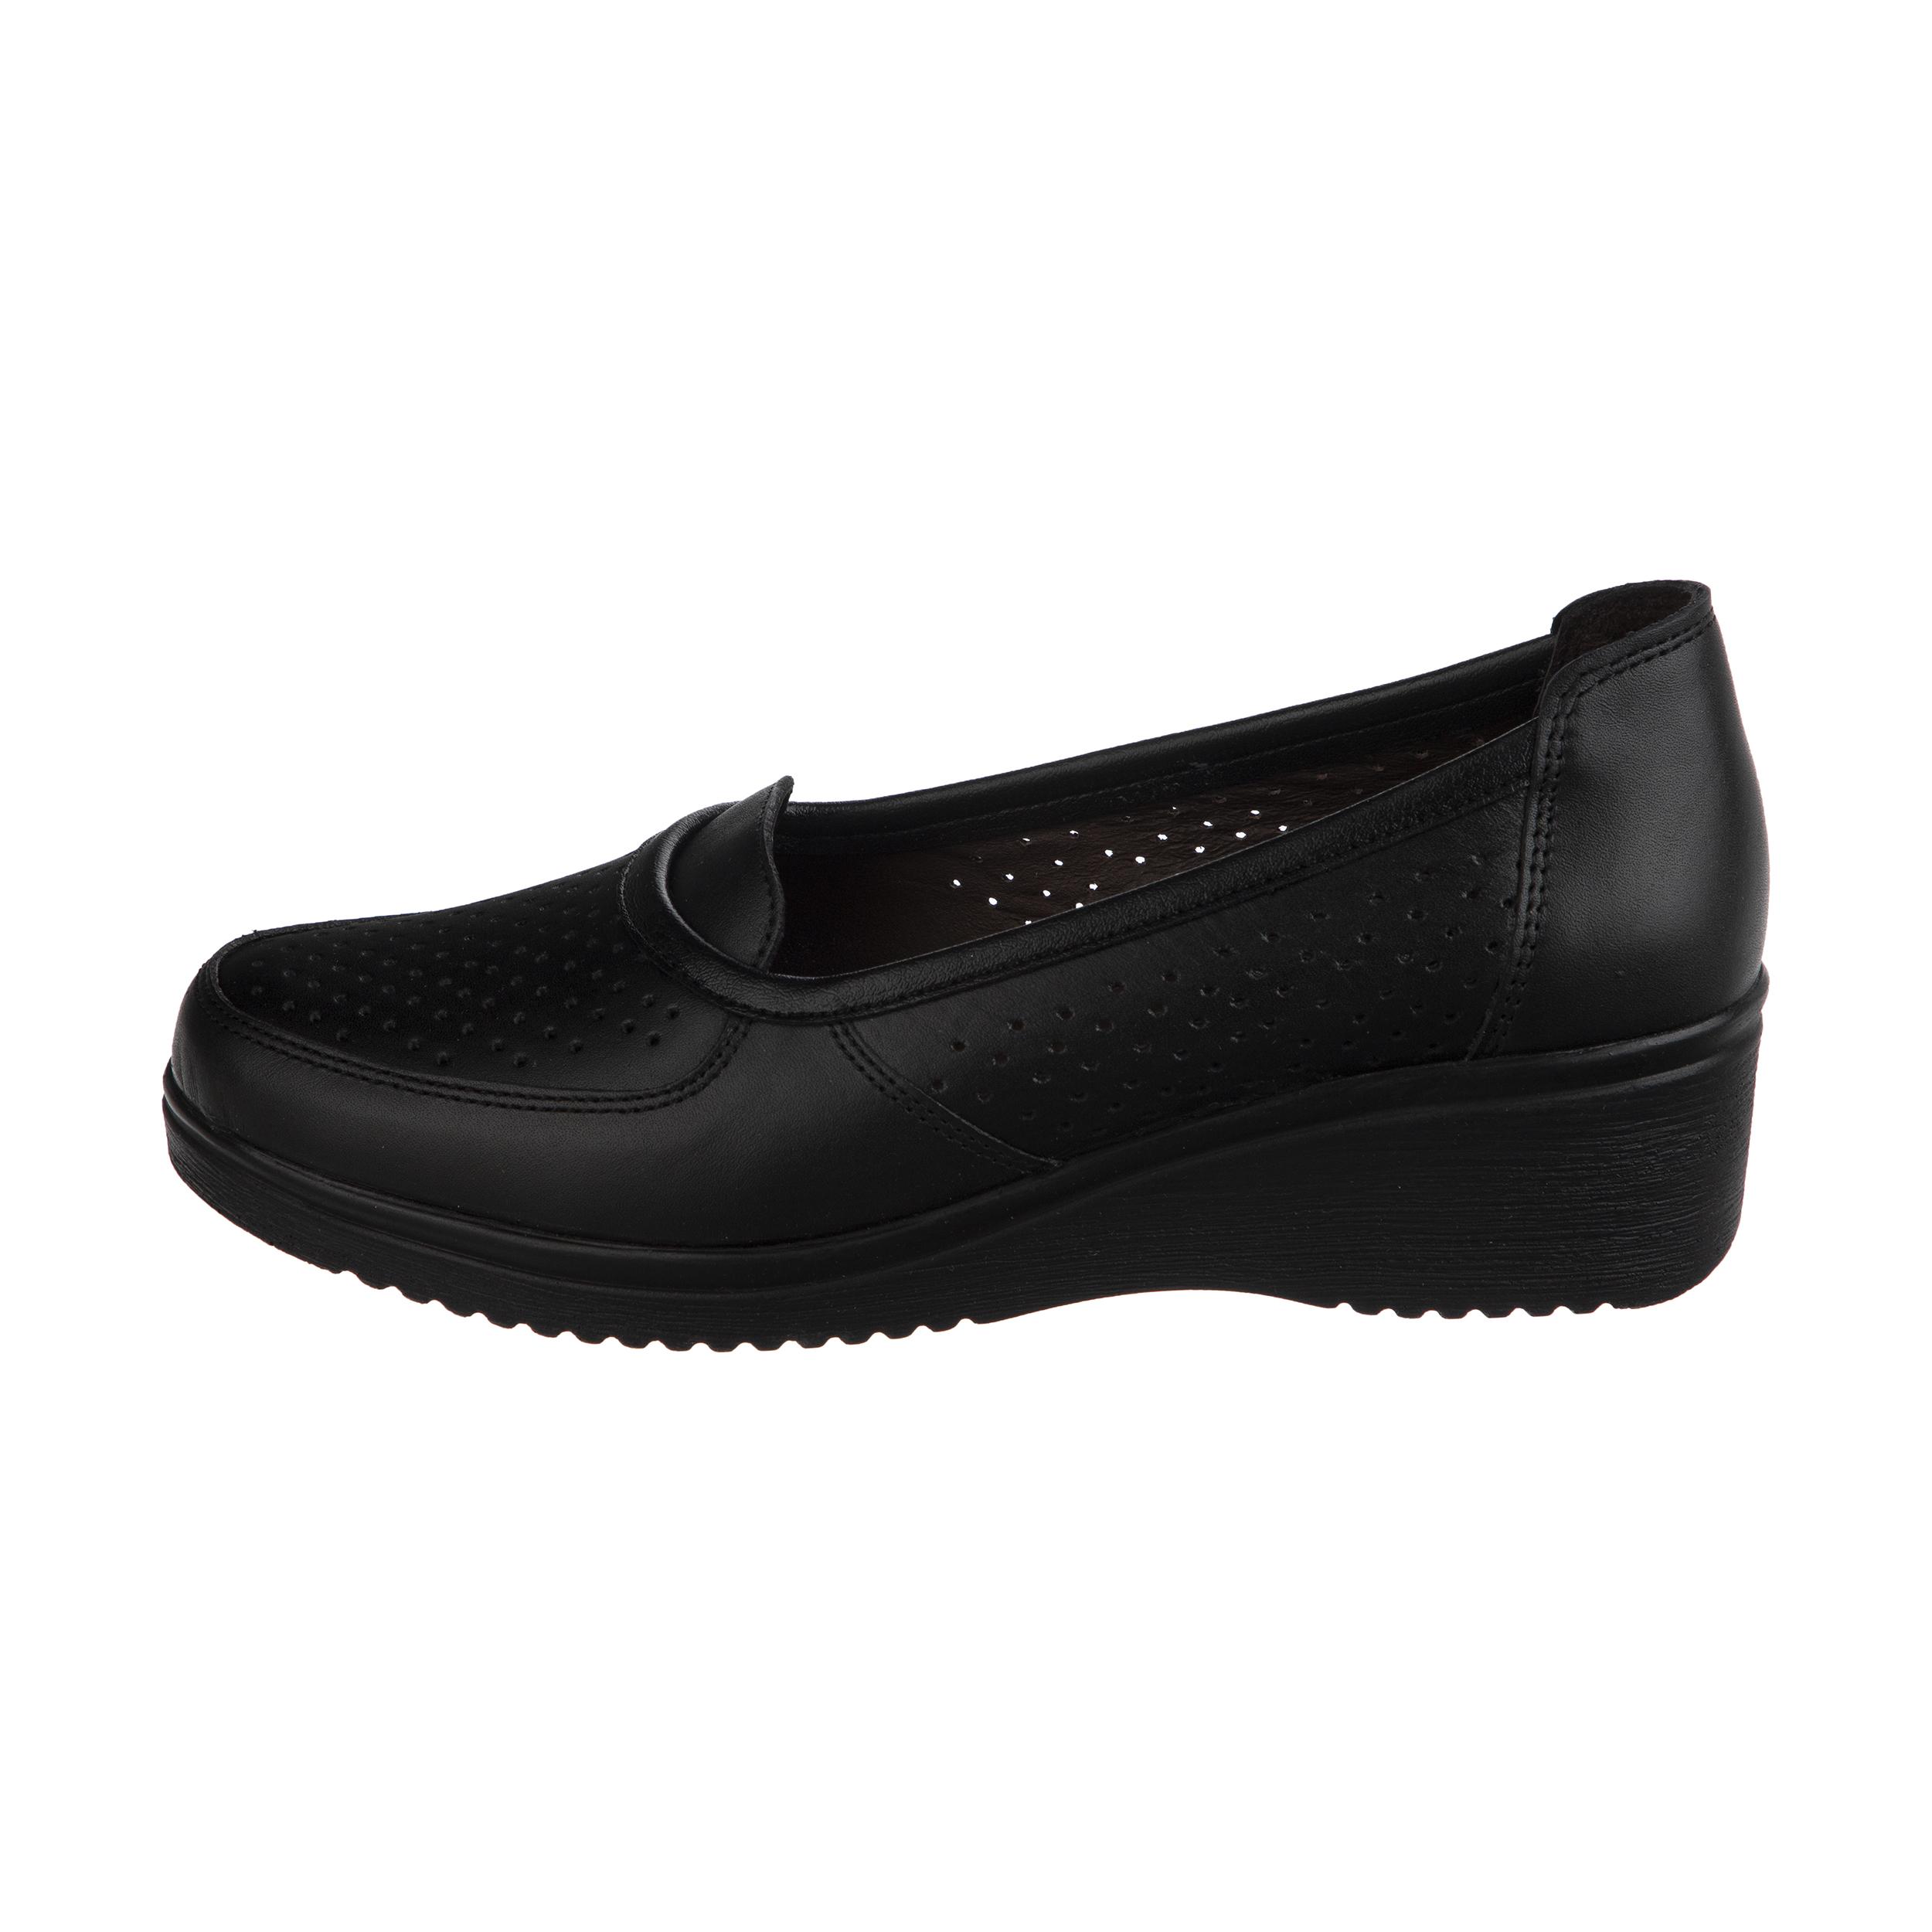 کفش روزمره زنانه شیفر مدل 5276B500101